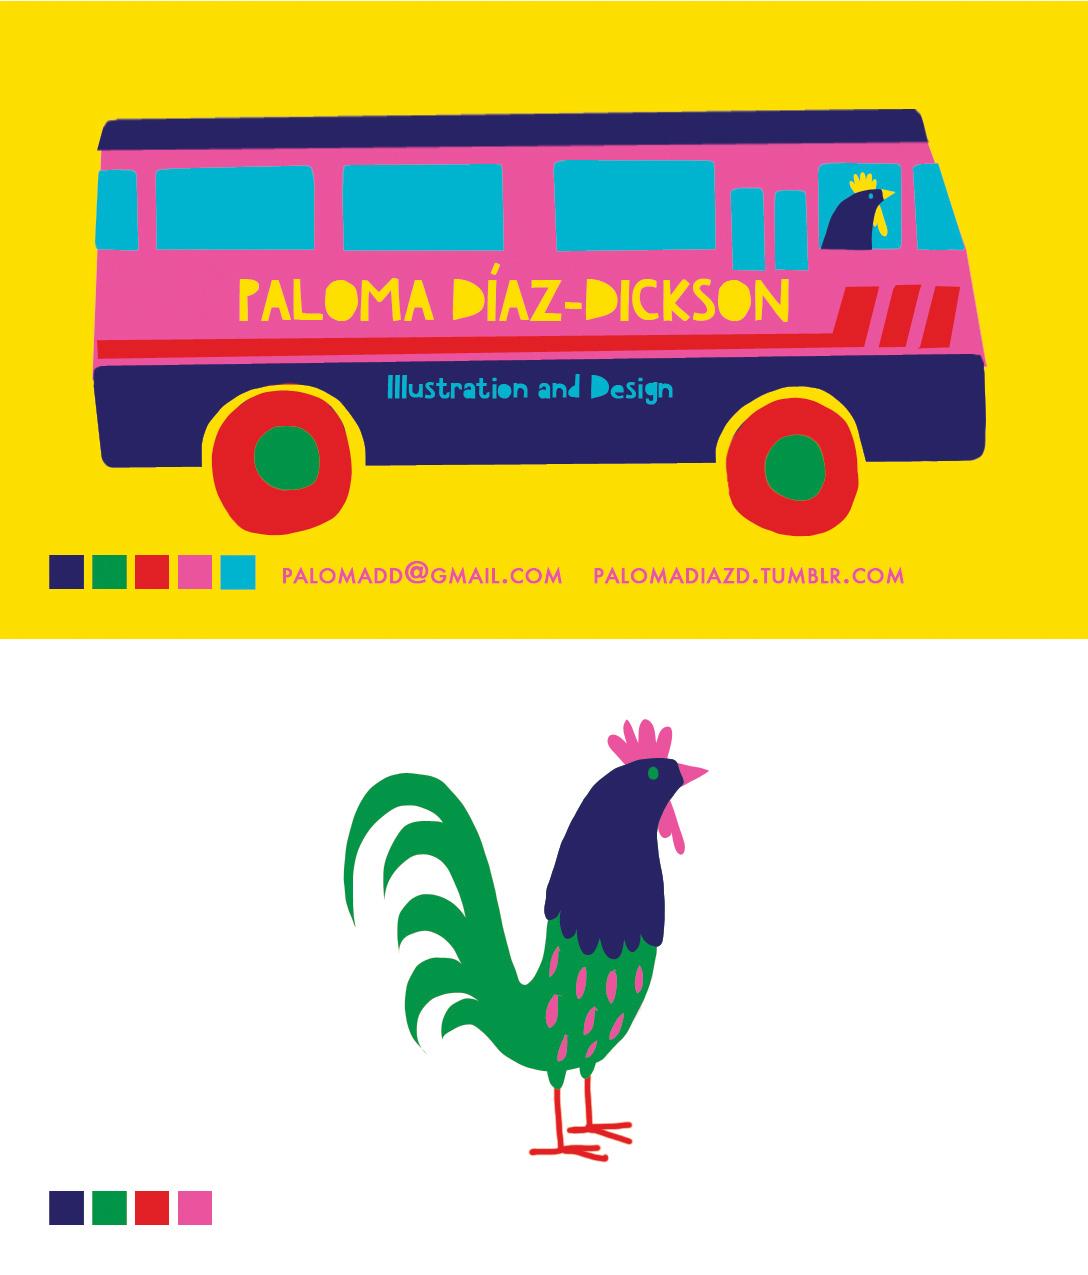 PALOMA DIAZ-DICKSON